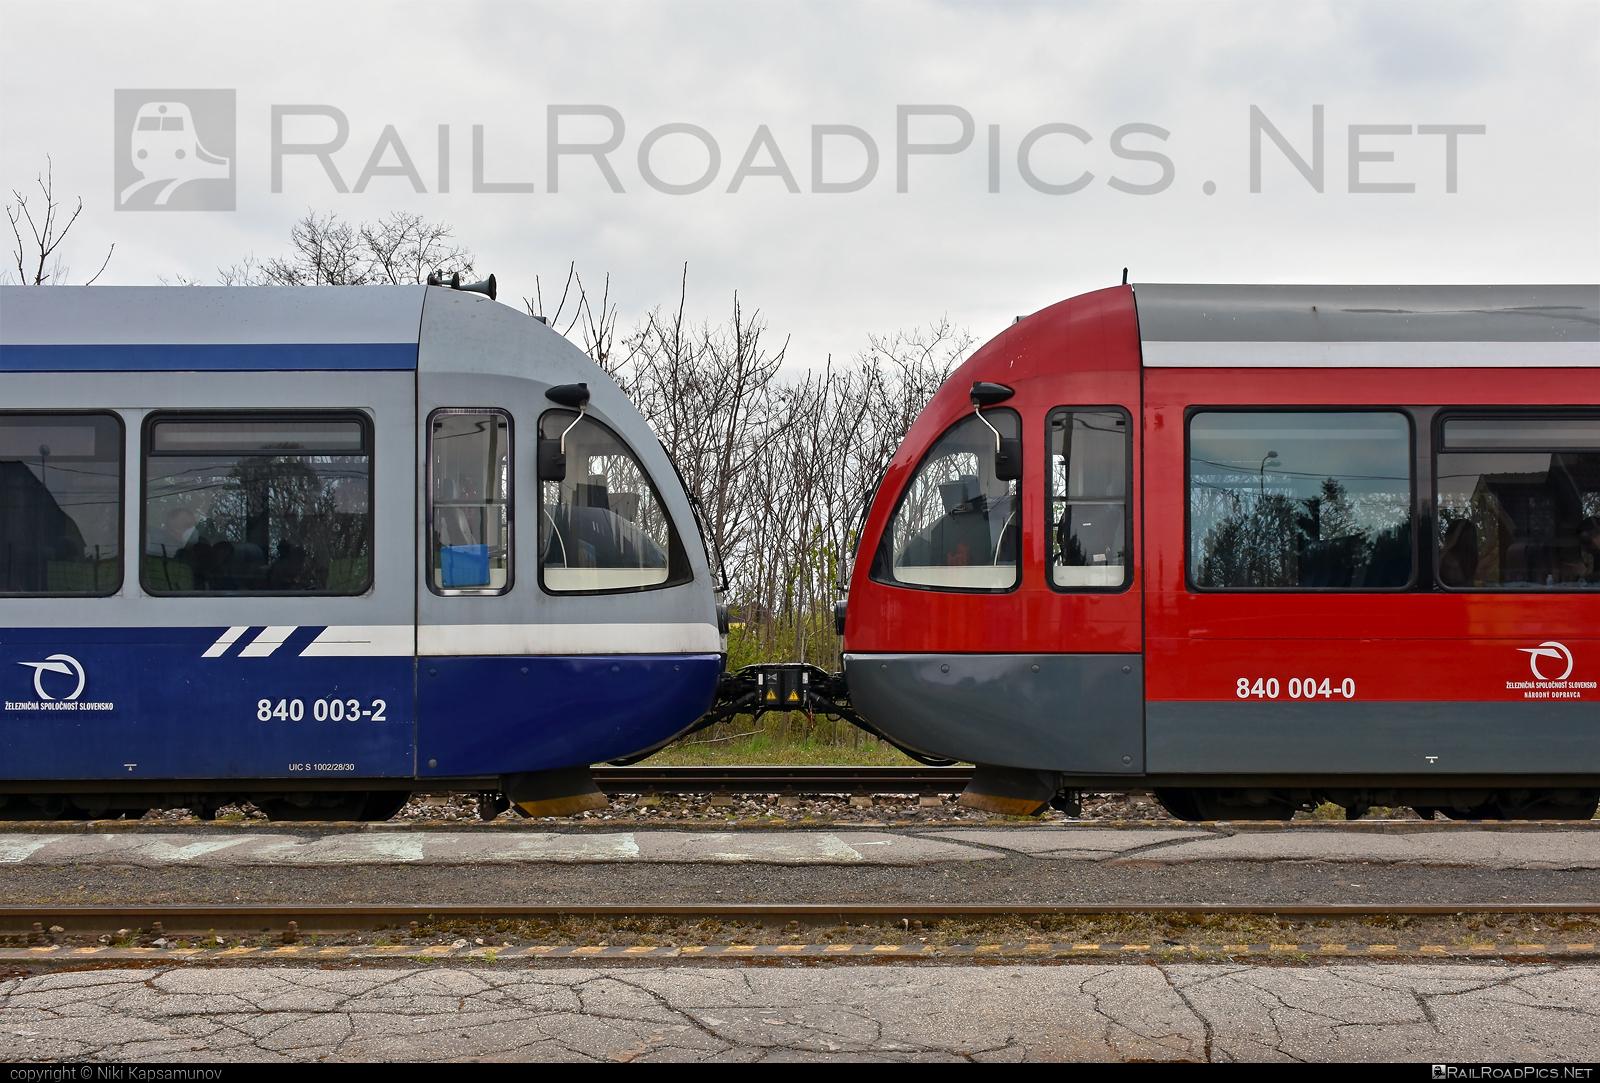 GTW Vysoké Tatry Class 840 - 840 003-2 operated by Železničná Spoločnost' Slovensko, a.s. #ZeleznicnaSpolocnostSlovensko #delfin #gtw26 #gtwvysoketatry #zssk #zssk840